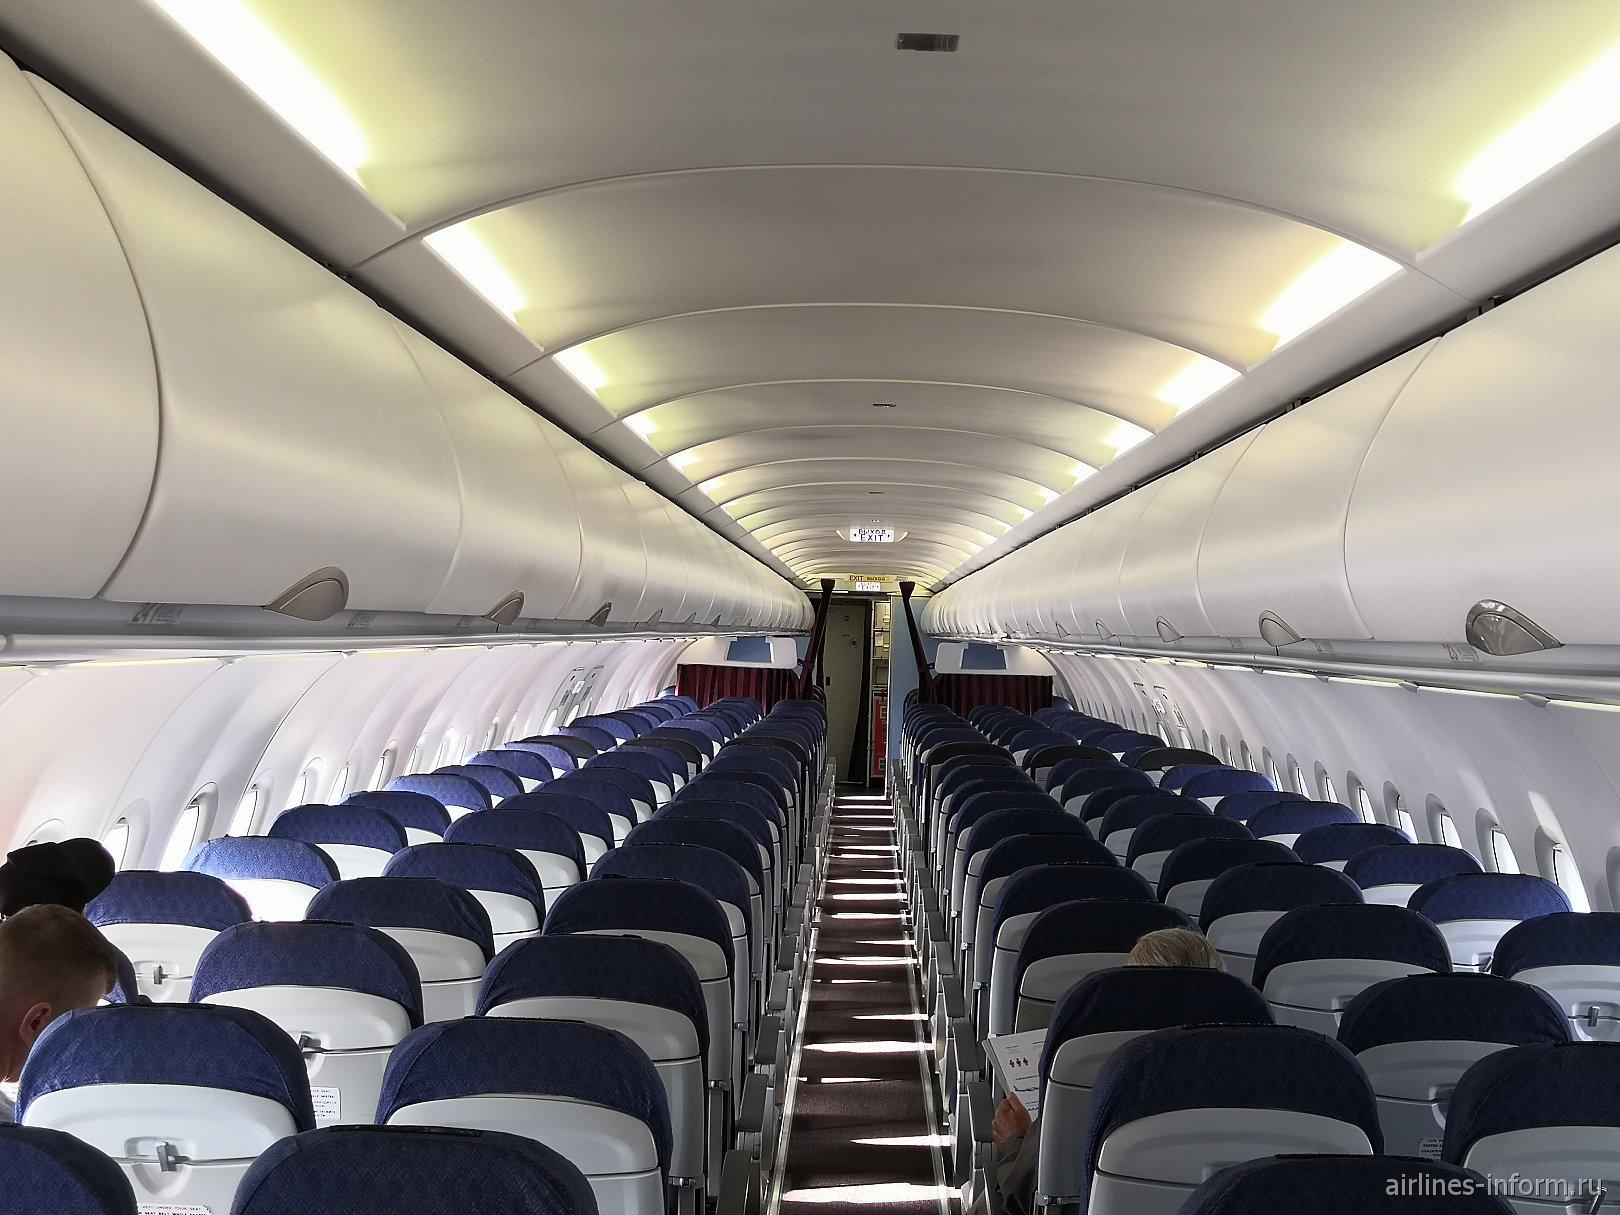 Пассажирский салон самолета Airbus A320 VP-BTZ авиакомпании Уральские авиалинии